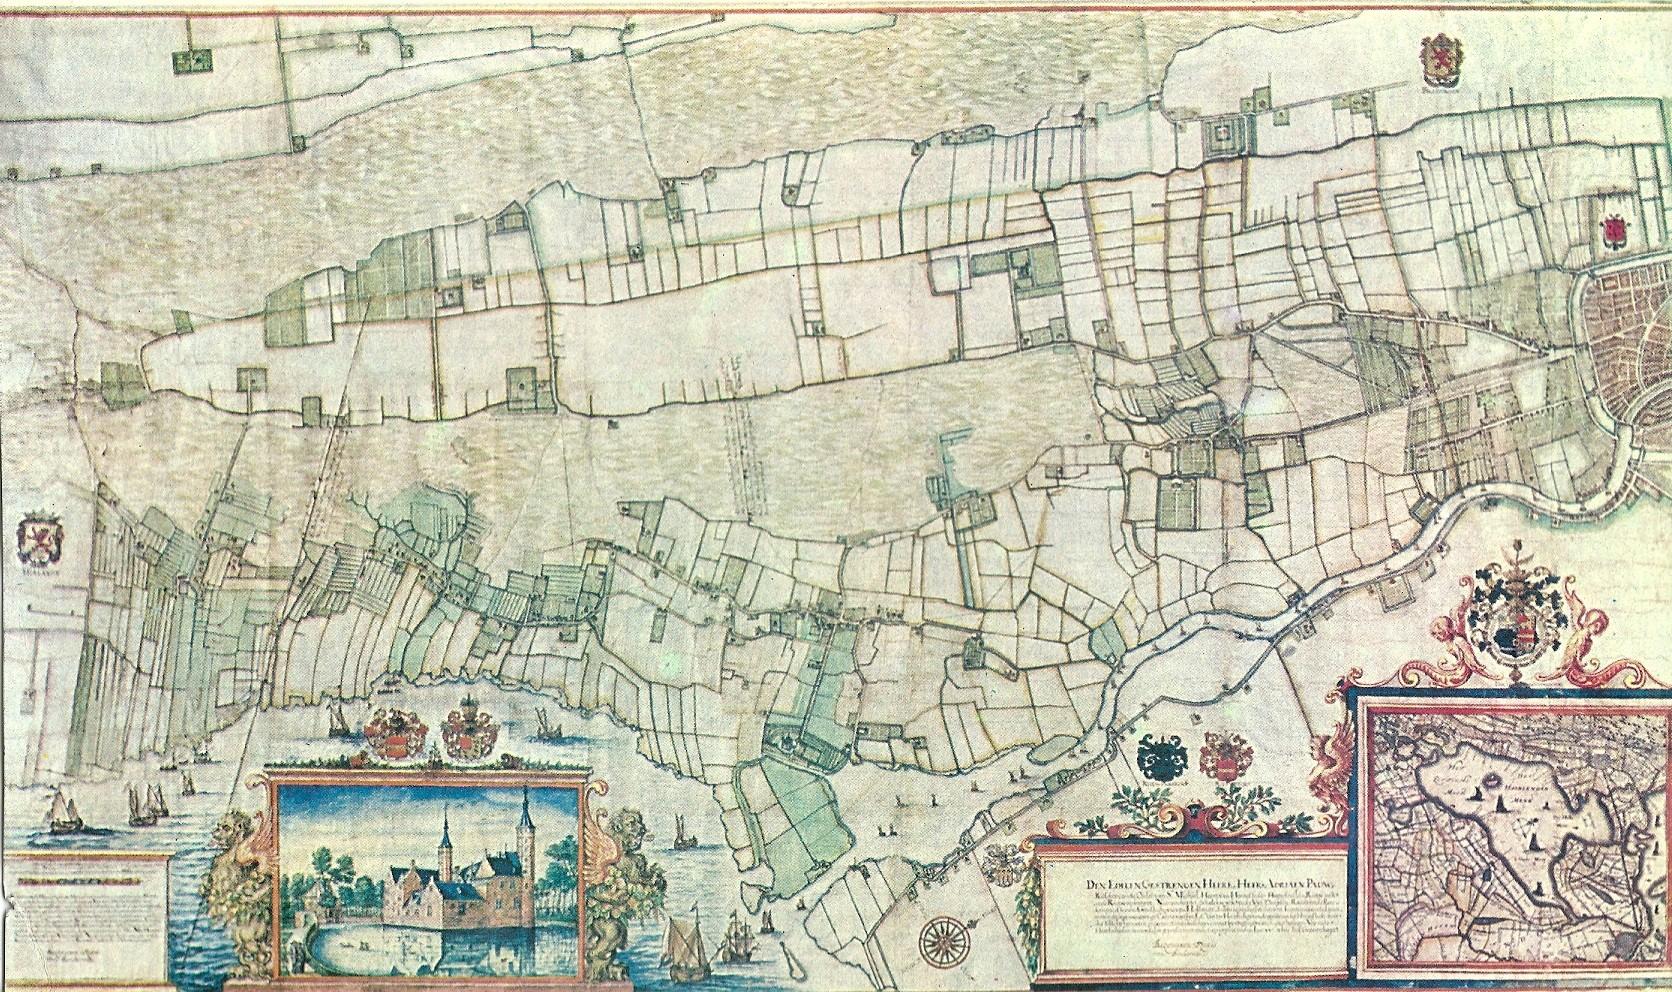 Kaart van Balthasar Floiszoon van Berkenrode uit 1643 van Heemstede. Rechts de stad Haarlem.